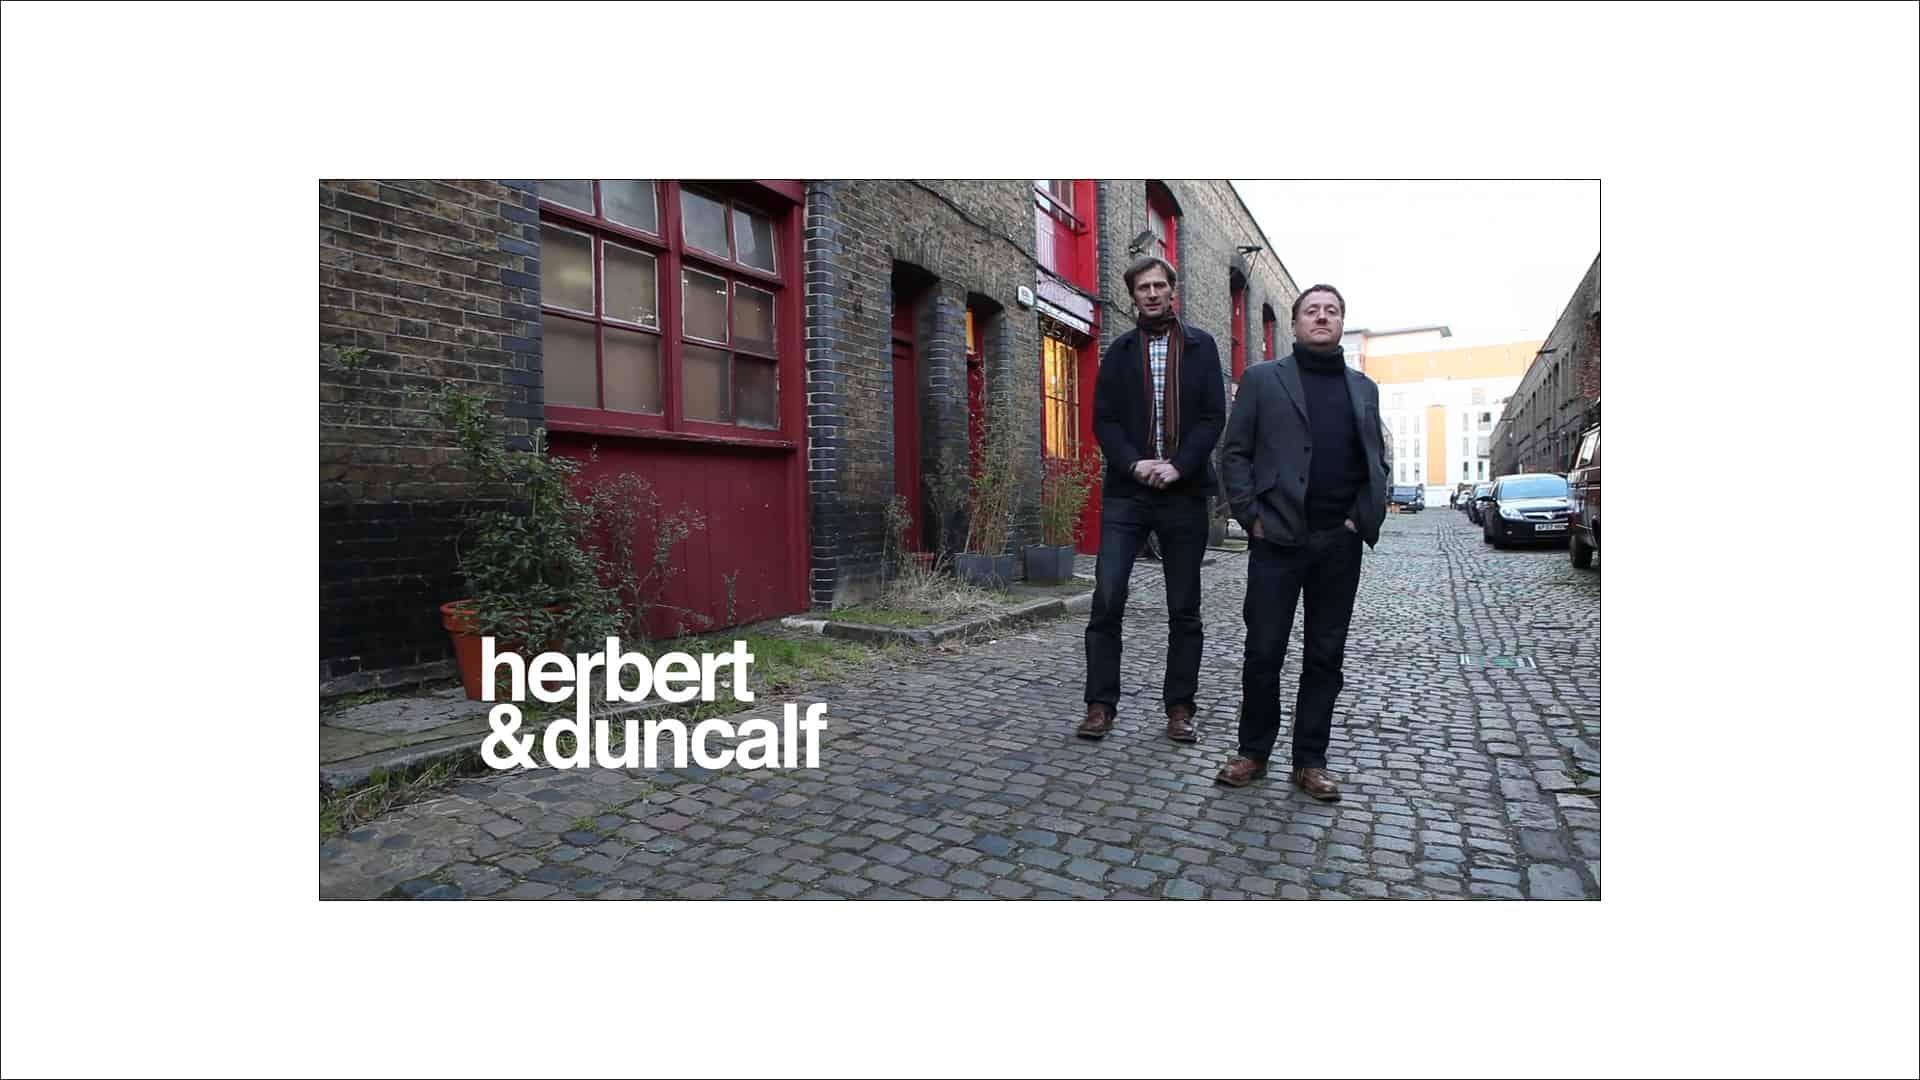 Hurbert & Duncalf